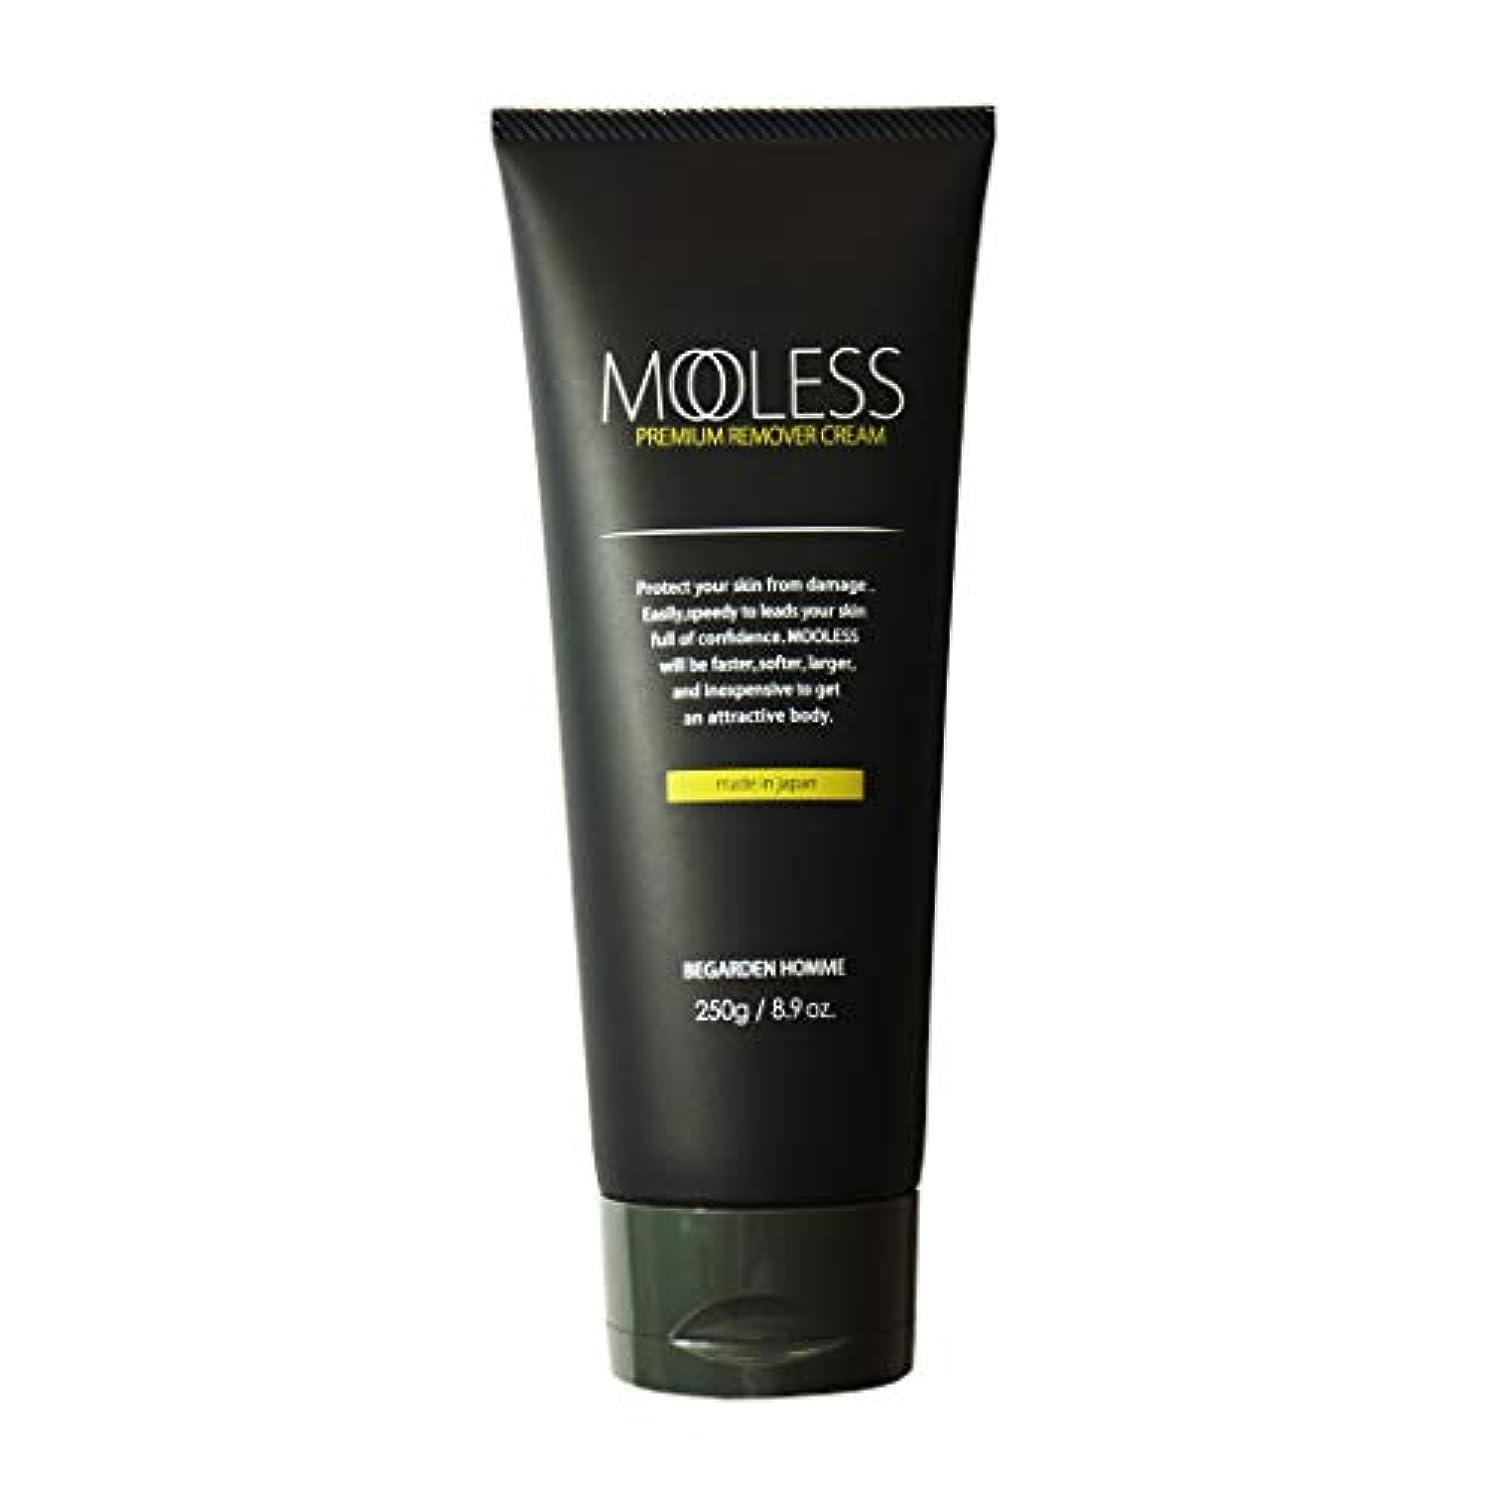 MOOLESS 除毛クリーム 250g 医薬部外品